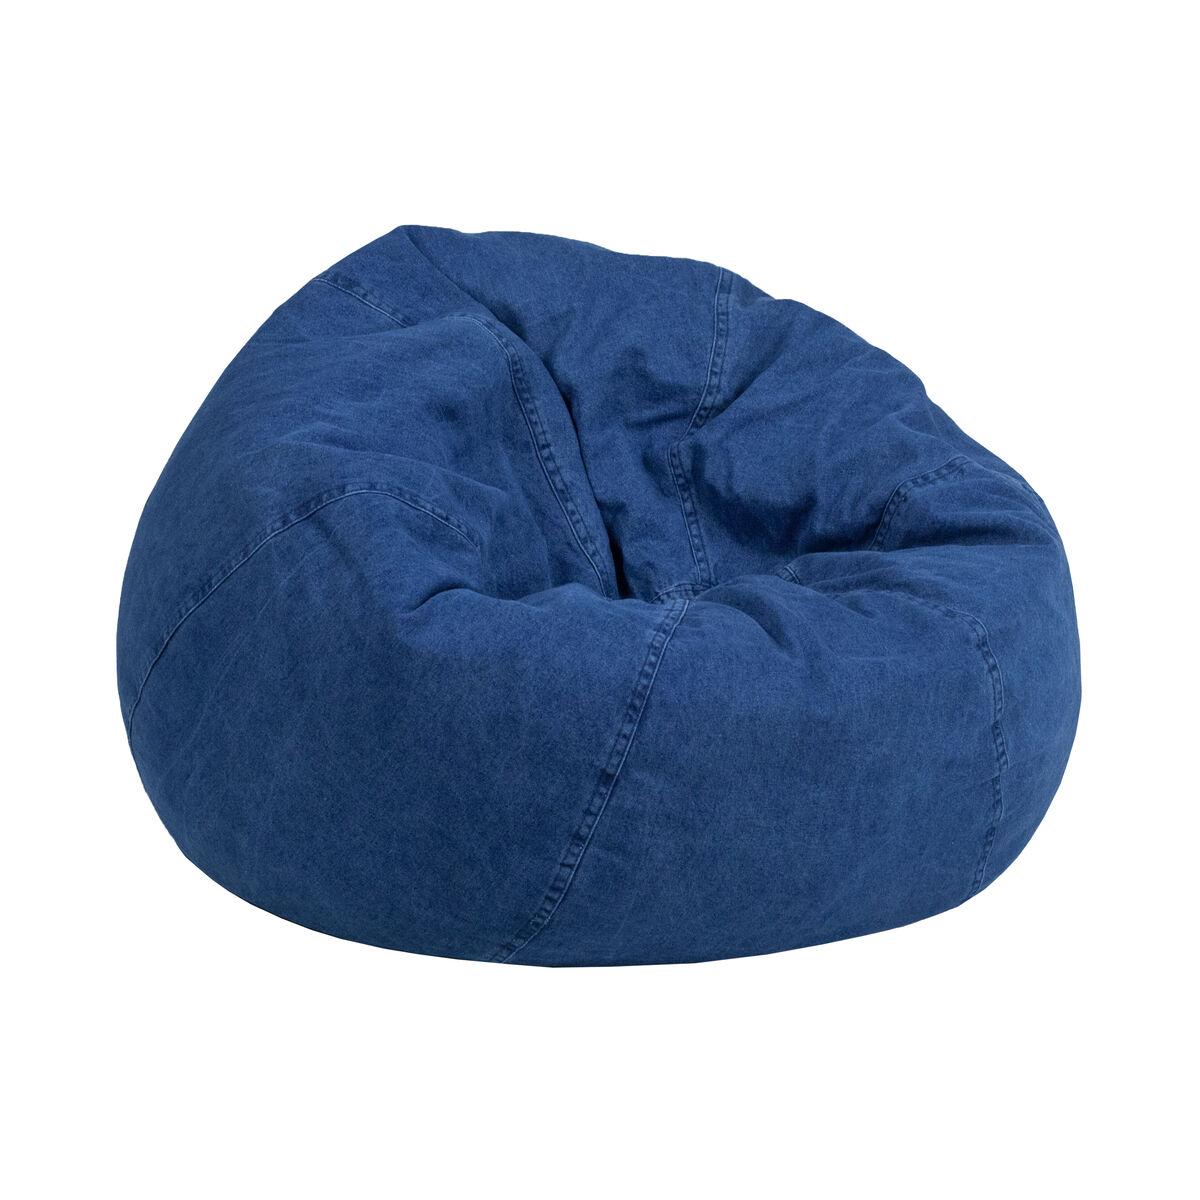 Denim Bean Bag Chair Dg Bean Small Denim Gg Bizchair Com